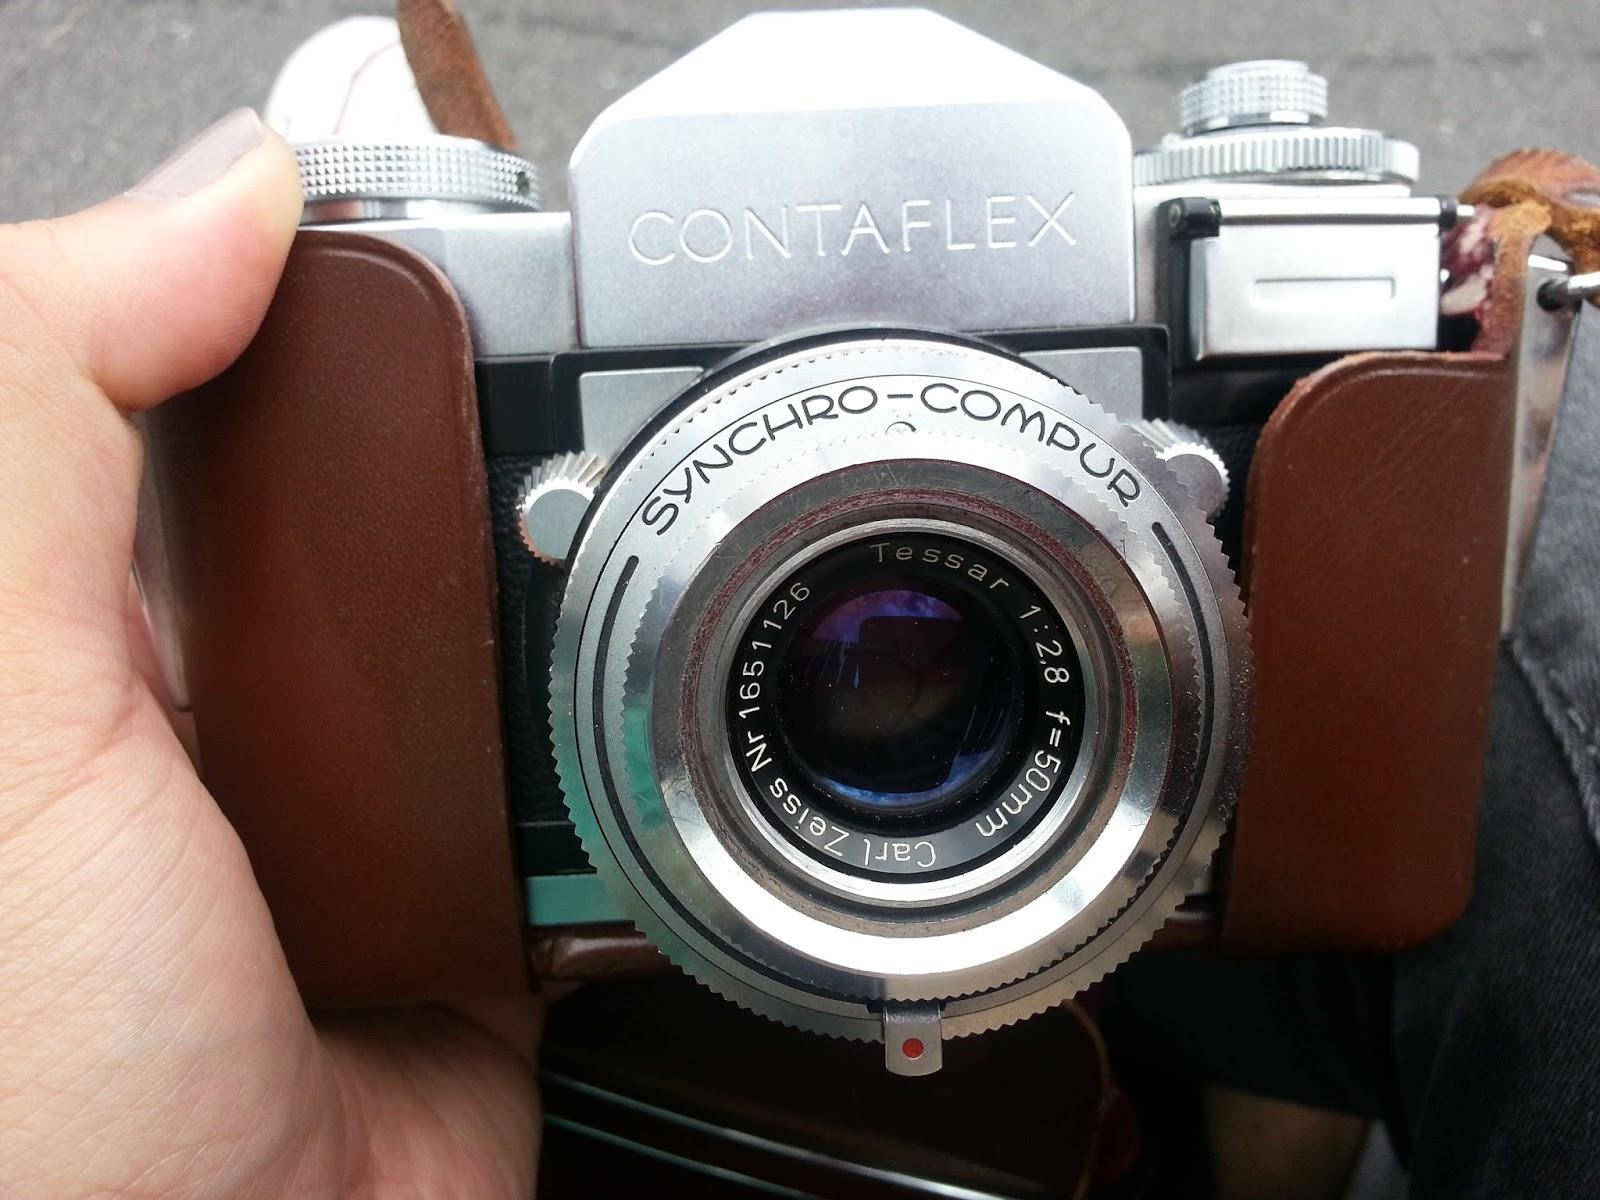 Contaflex Iv manual